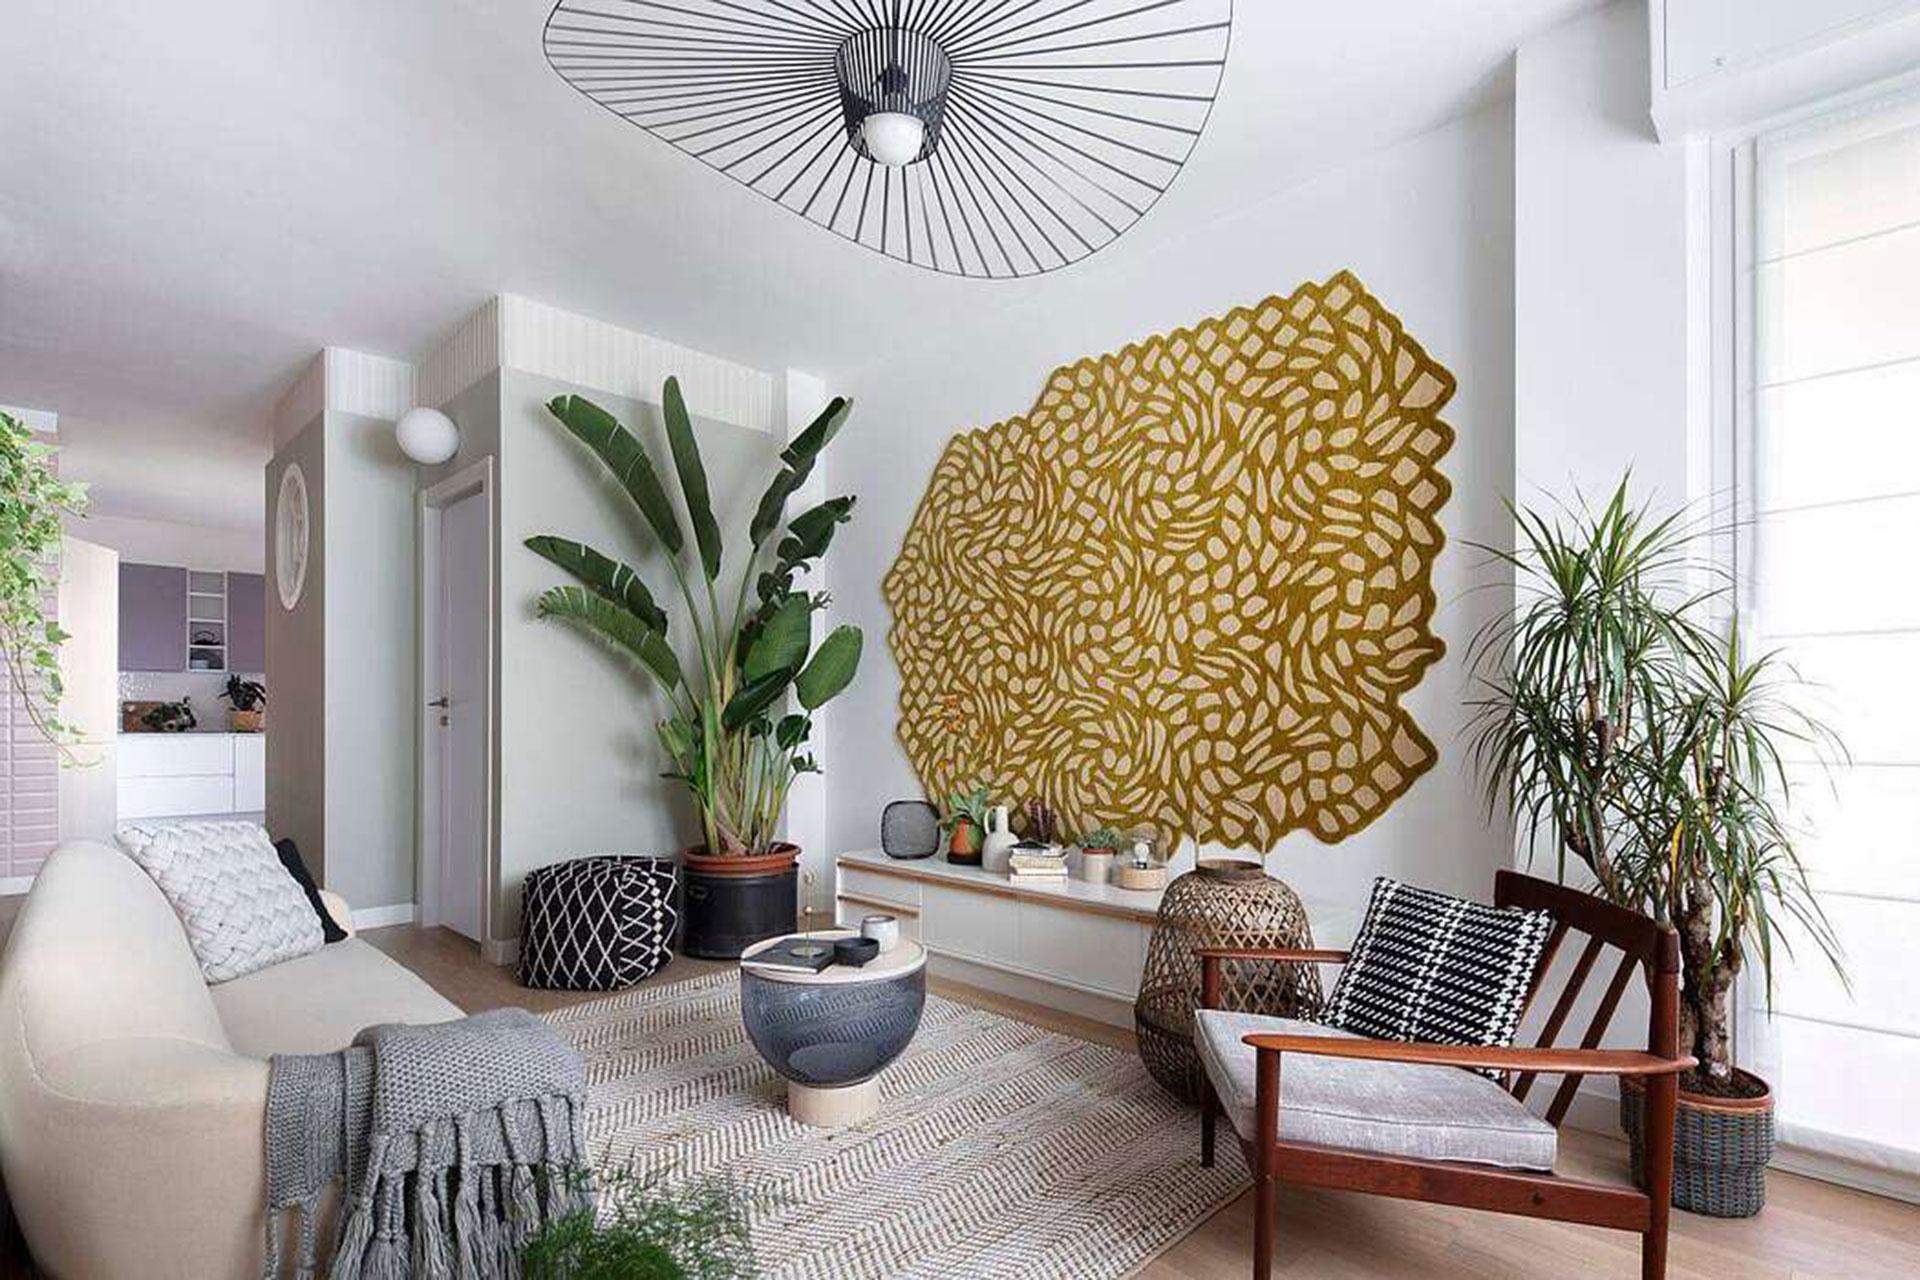 Paradisiartificiali: квартира в Милане